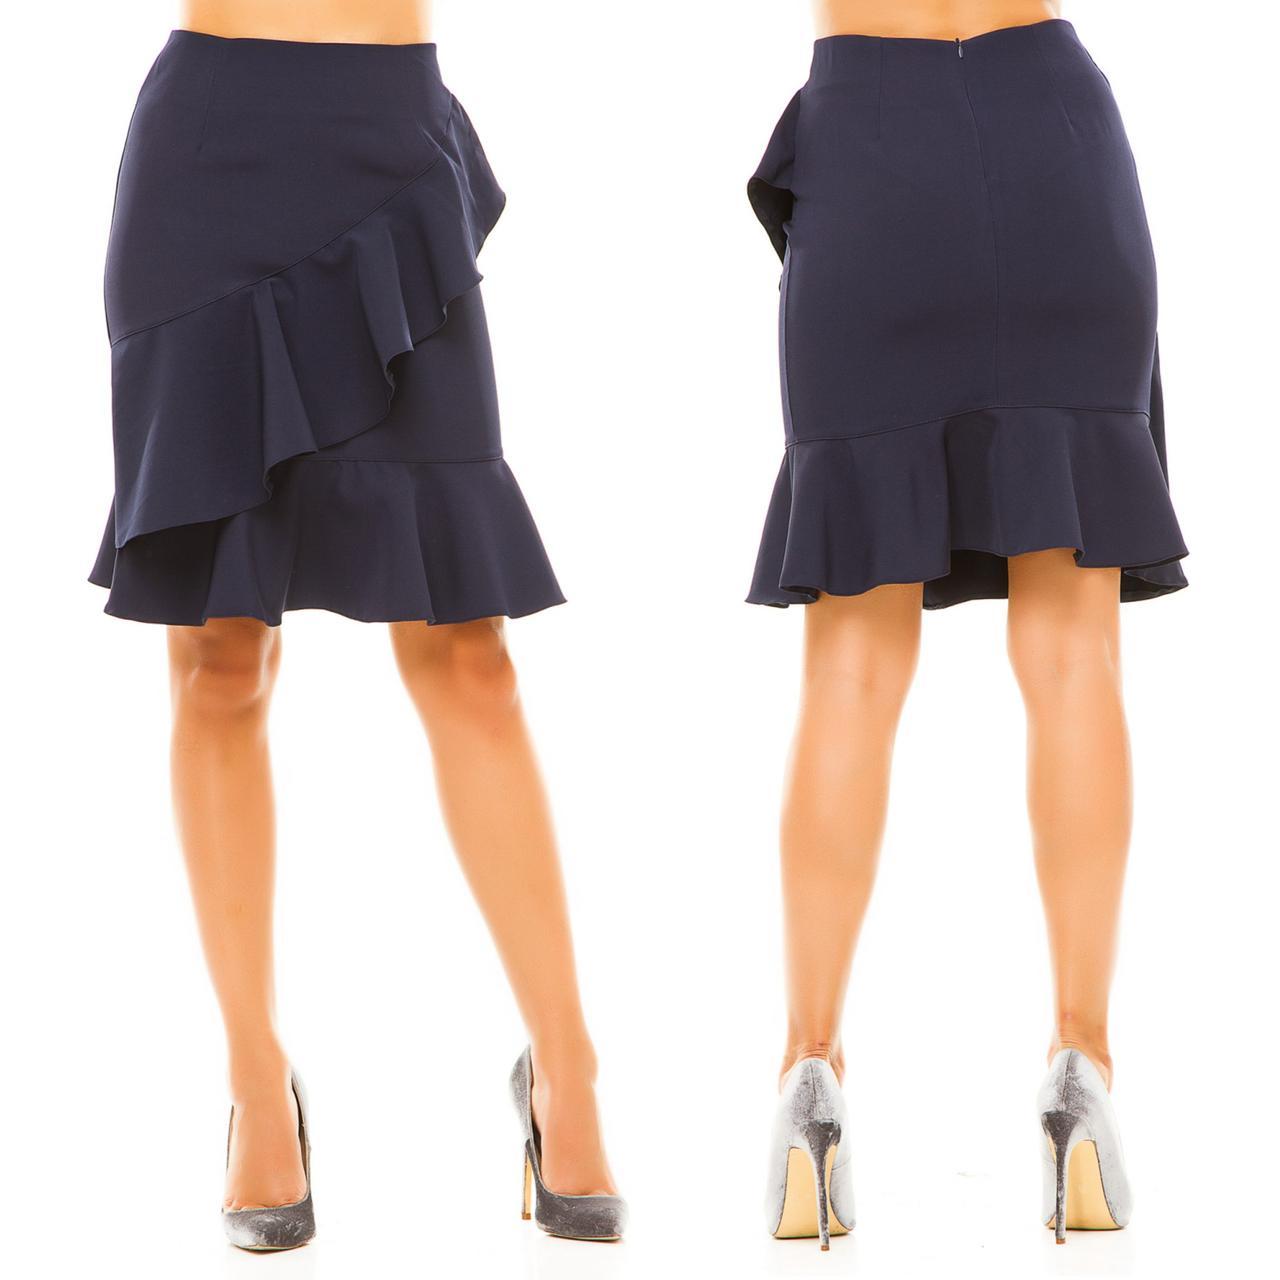 da342c4b81b Юбка с воланами - All You Need - прямой поставщик женской одежды оптом и в  розницу